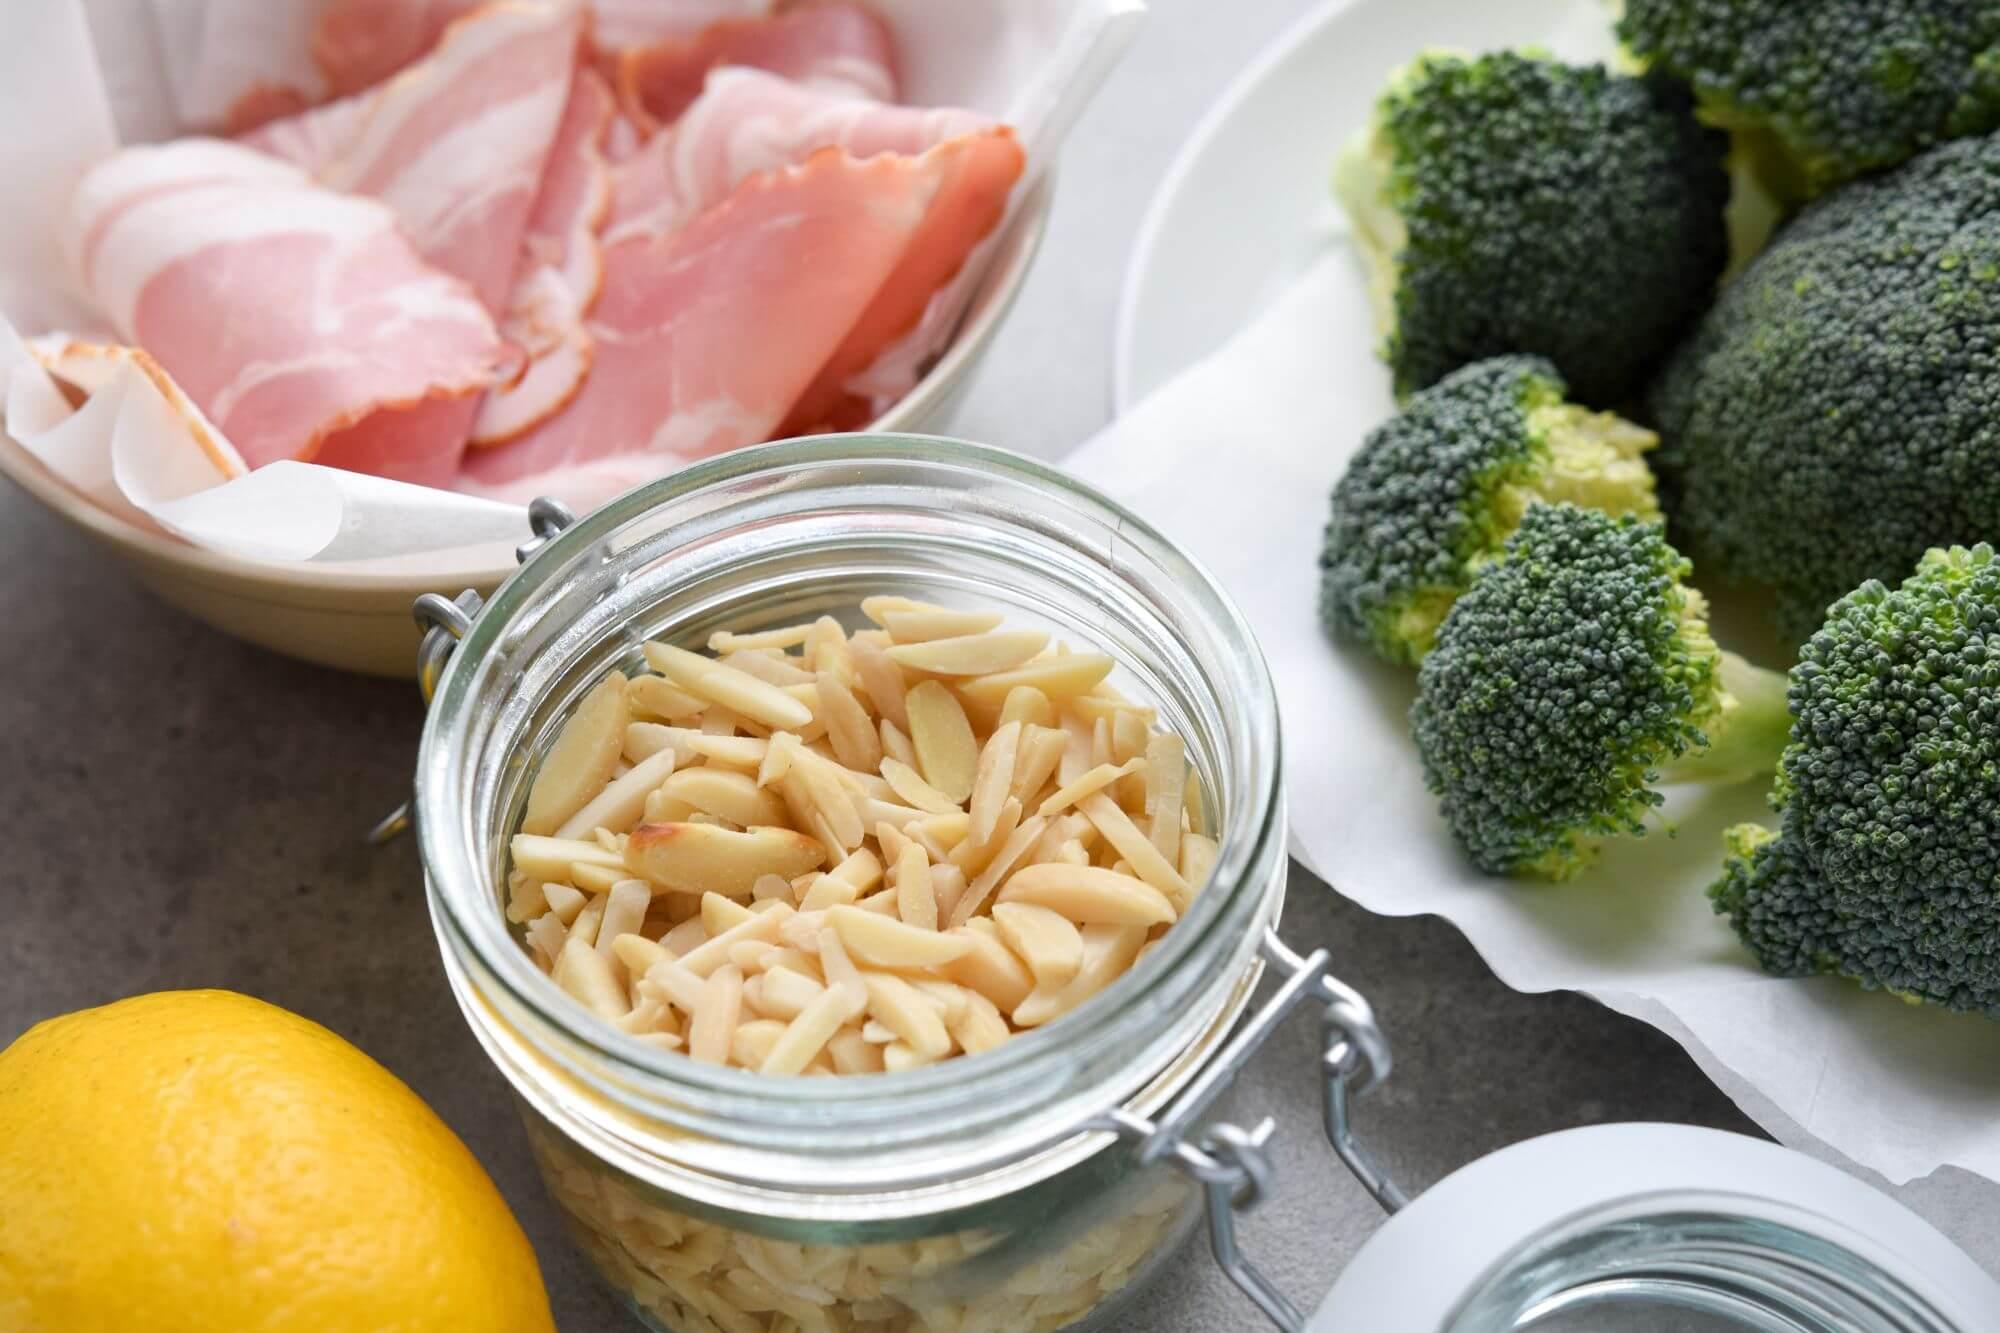 Zdrowa-kolacja-salatka-z-brokulem-i-boczkiem-skladniki-2